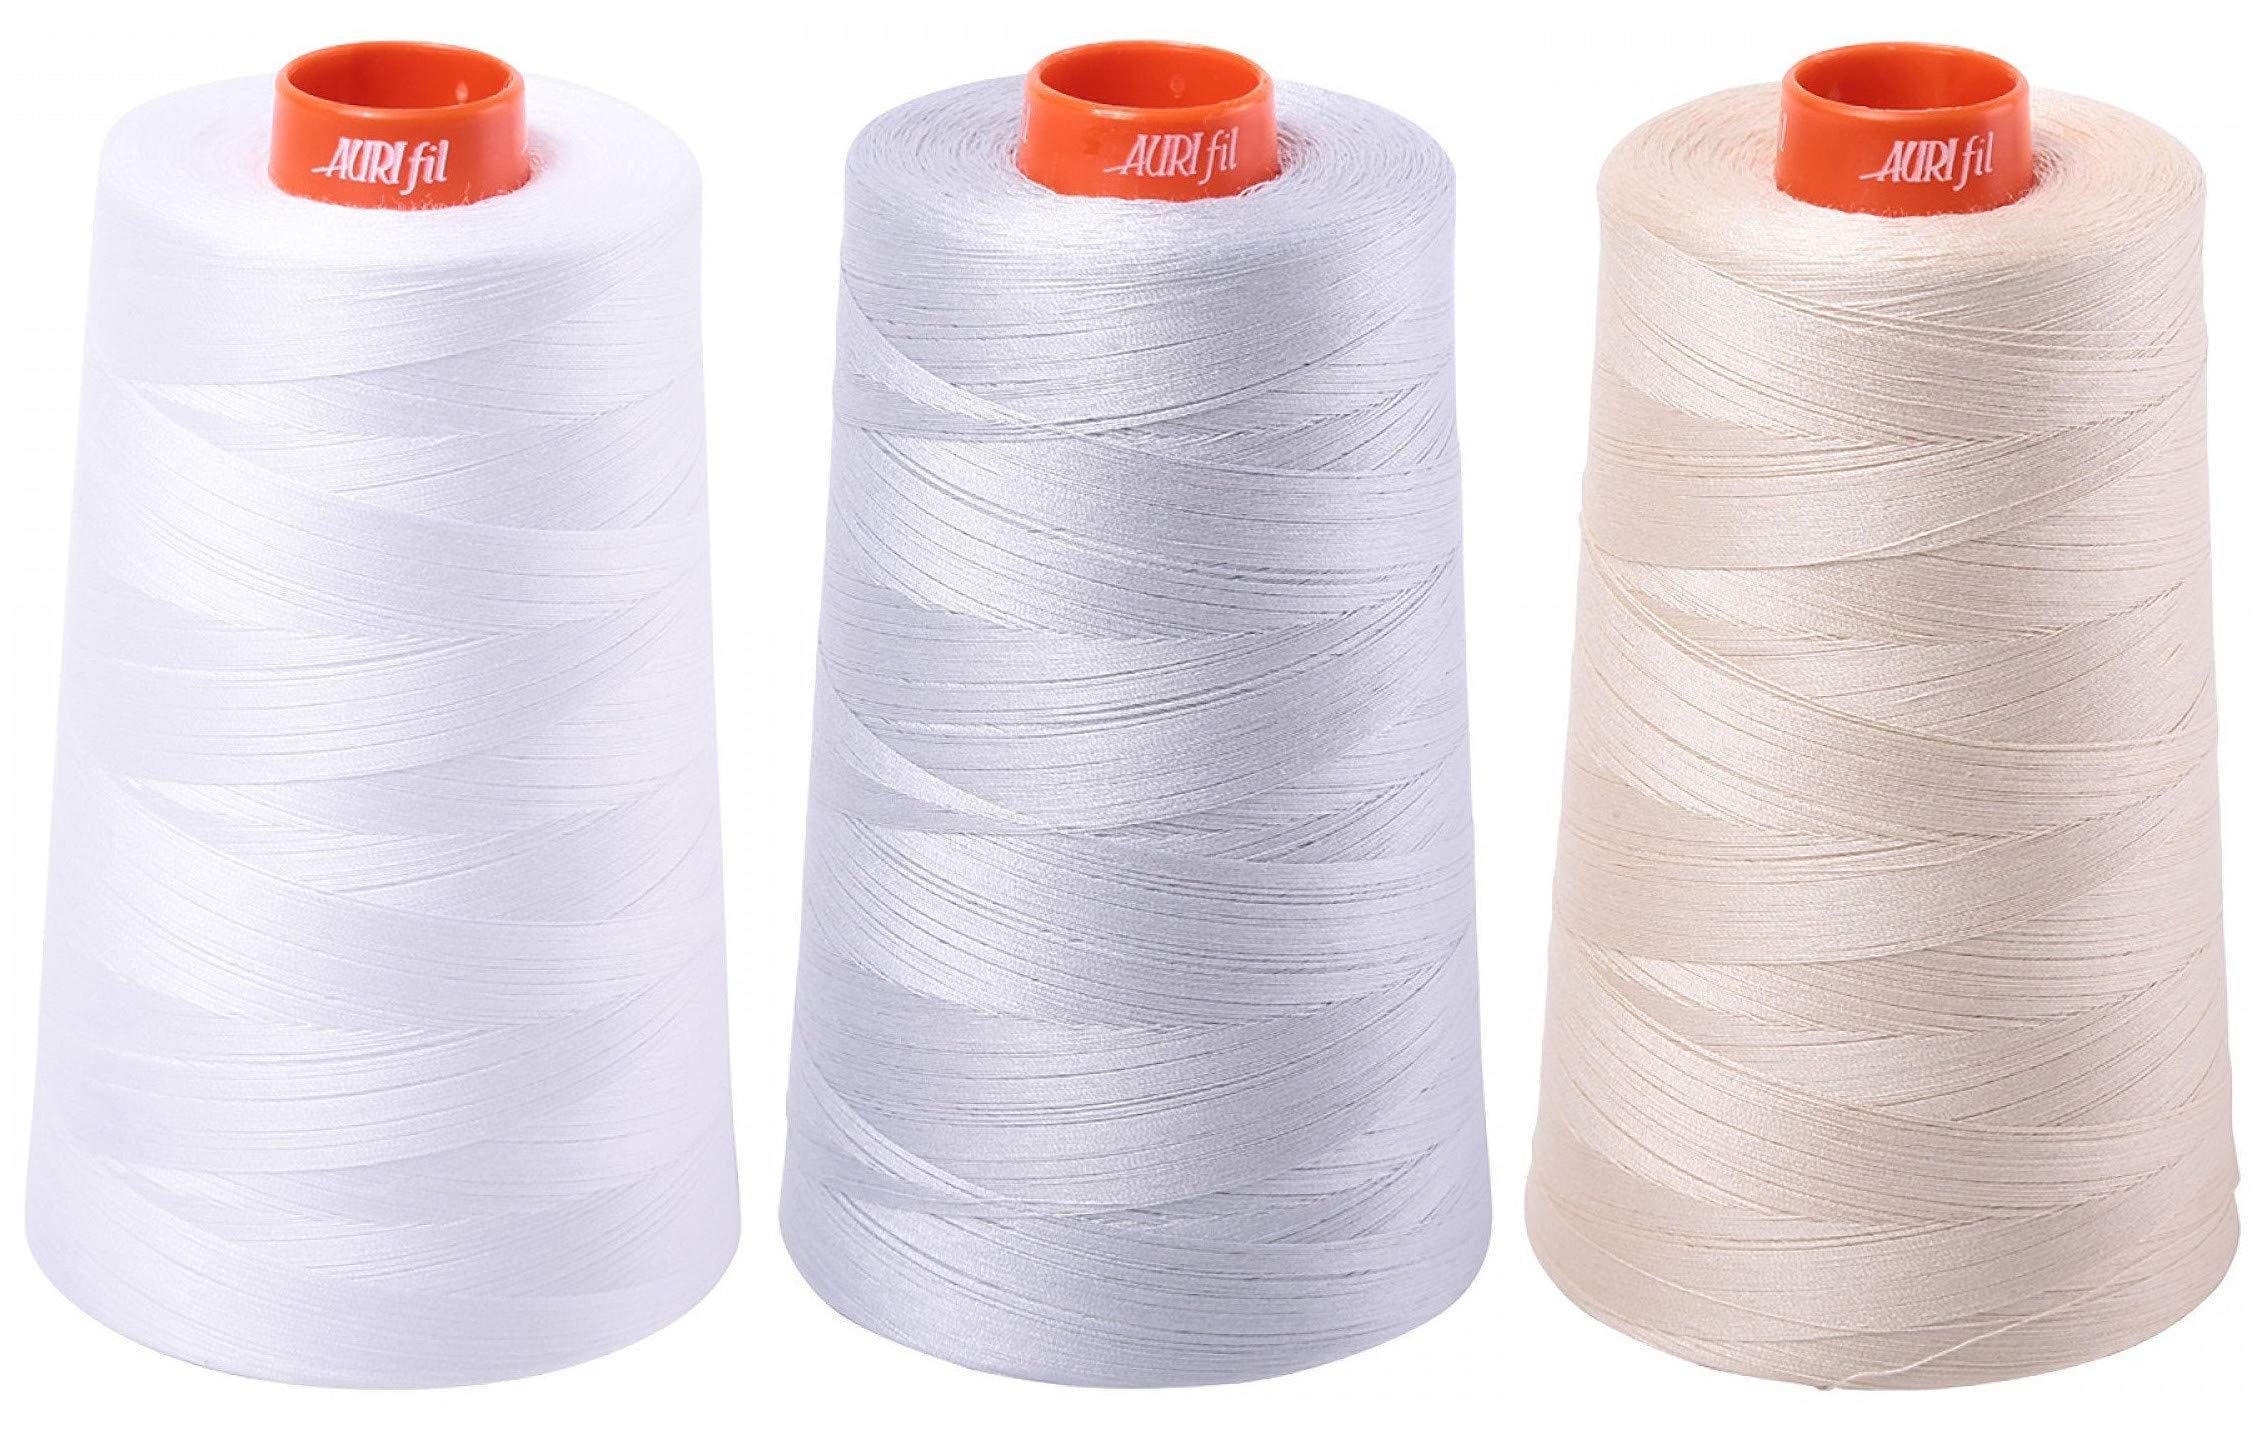 3-Pack Bundle - Aurifil 50WT Cones - White + Dove + Light Beige, Solid - Mako Cotton Thread - 6452 Yards Each by Aurifil